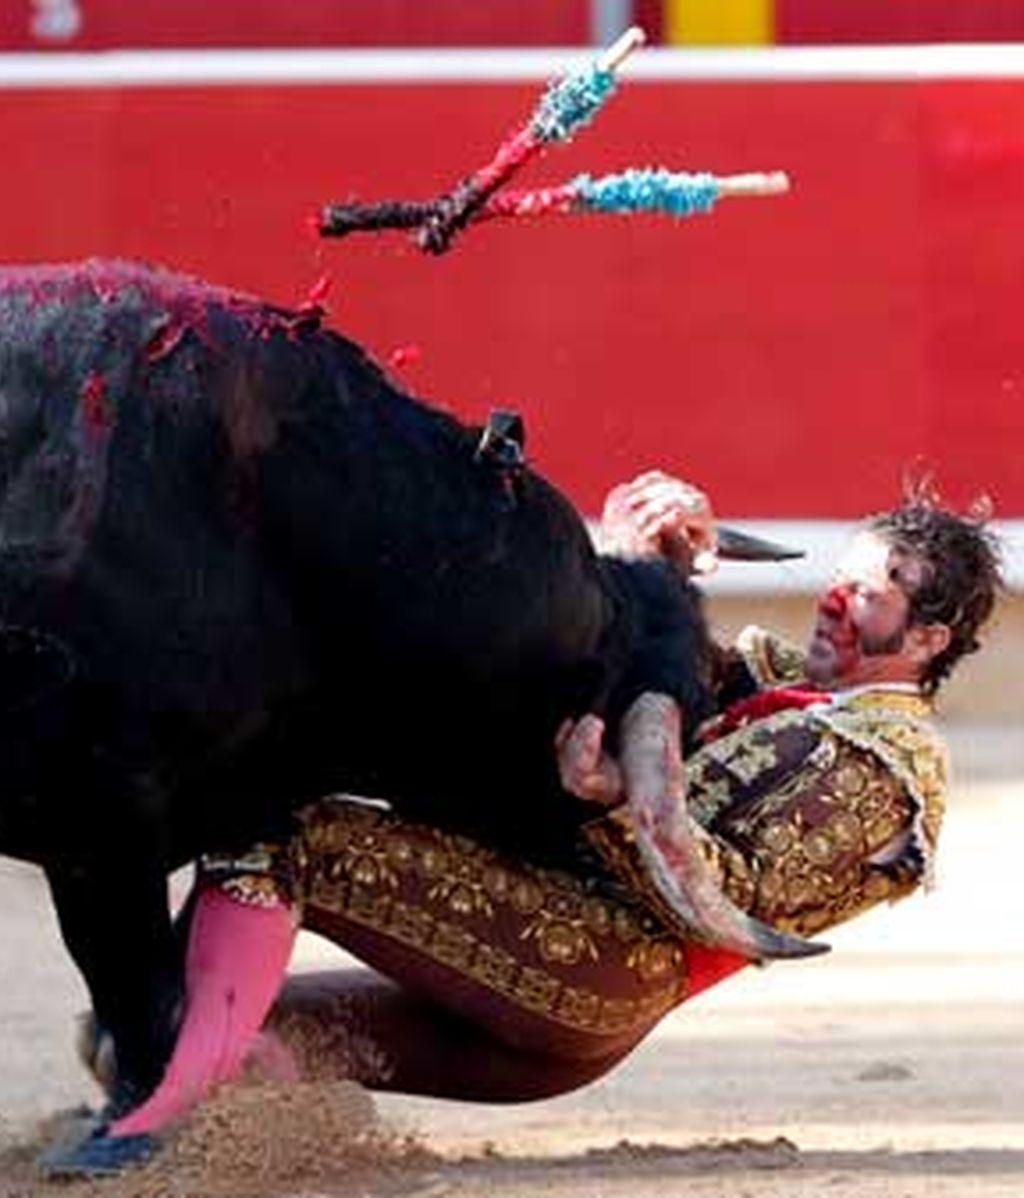 Juan José Padilla es volteado por su primero de la tarde durante la corrida de toros en la Plaza de Pamplona. Foto:EFE.